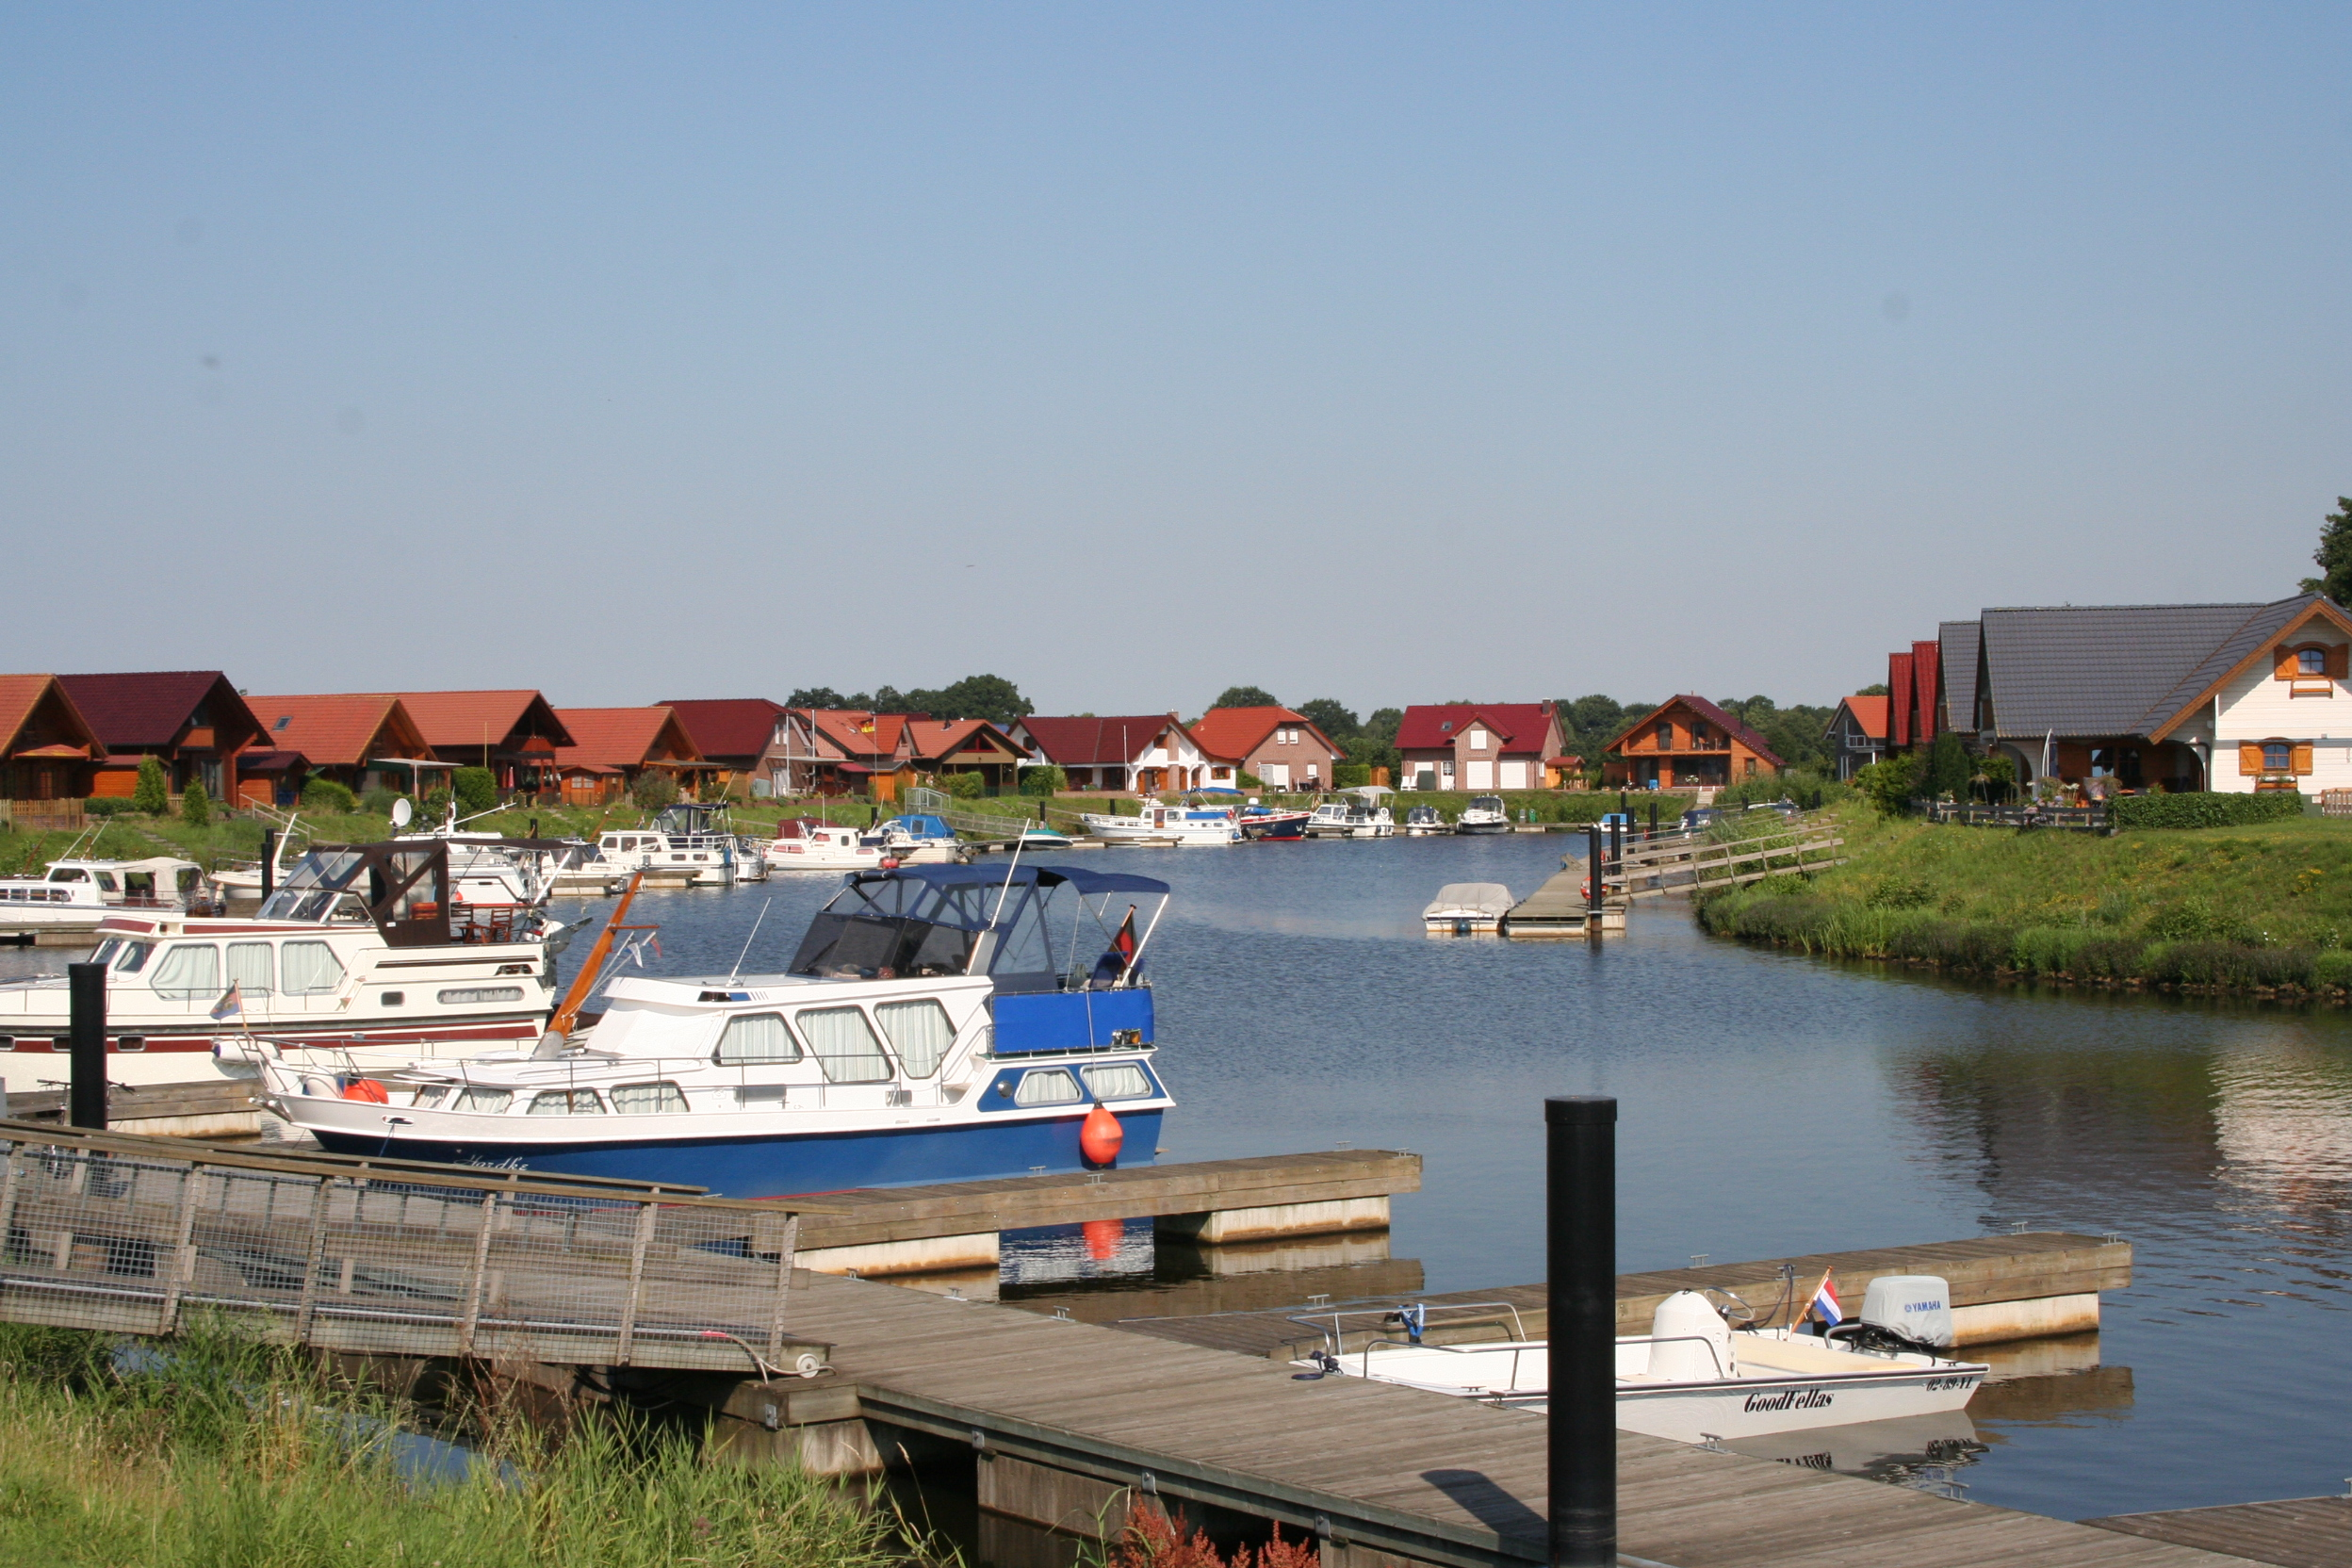 Marinapark Emstal Wohnen am Wasser